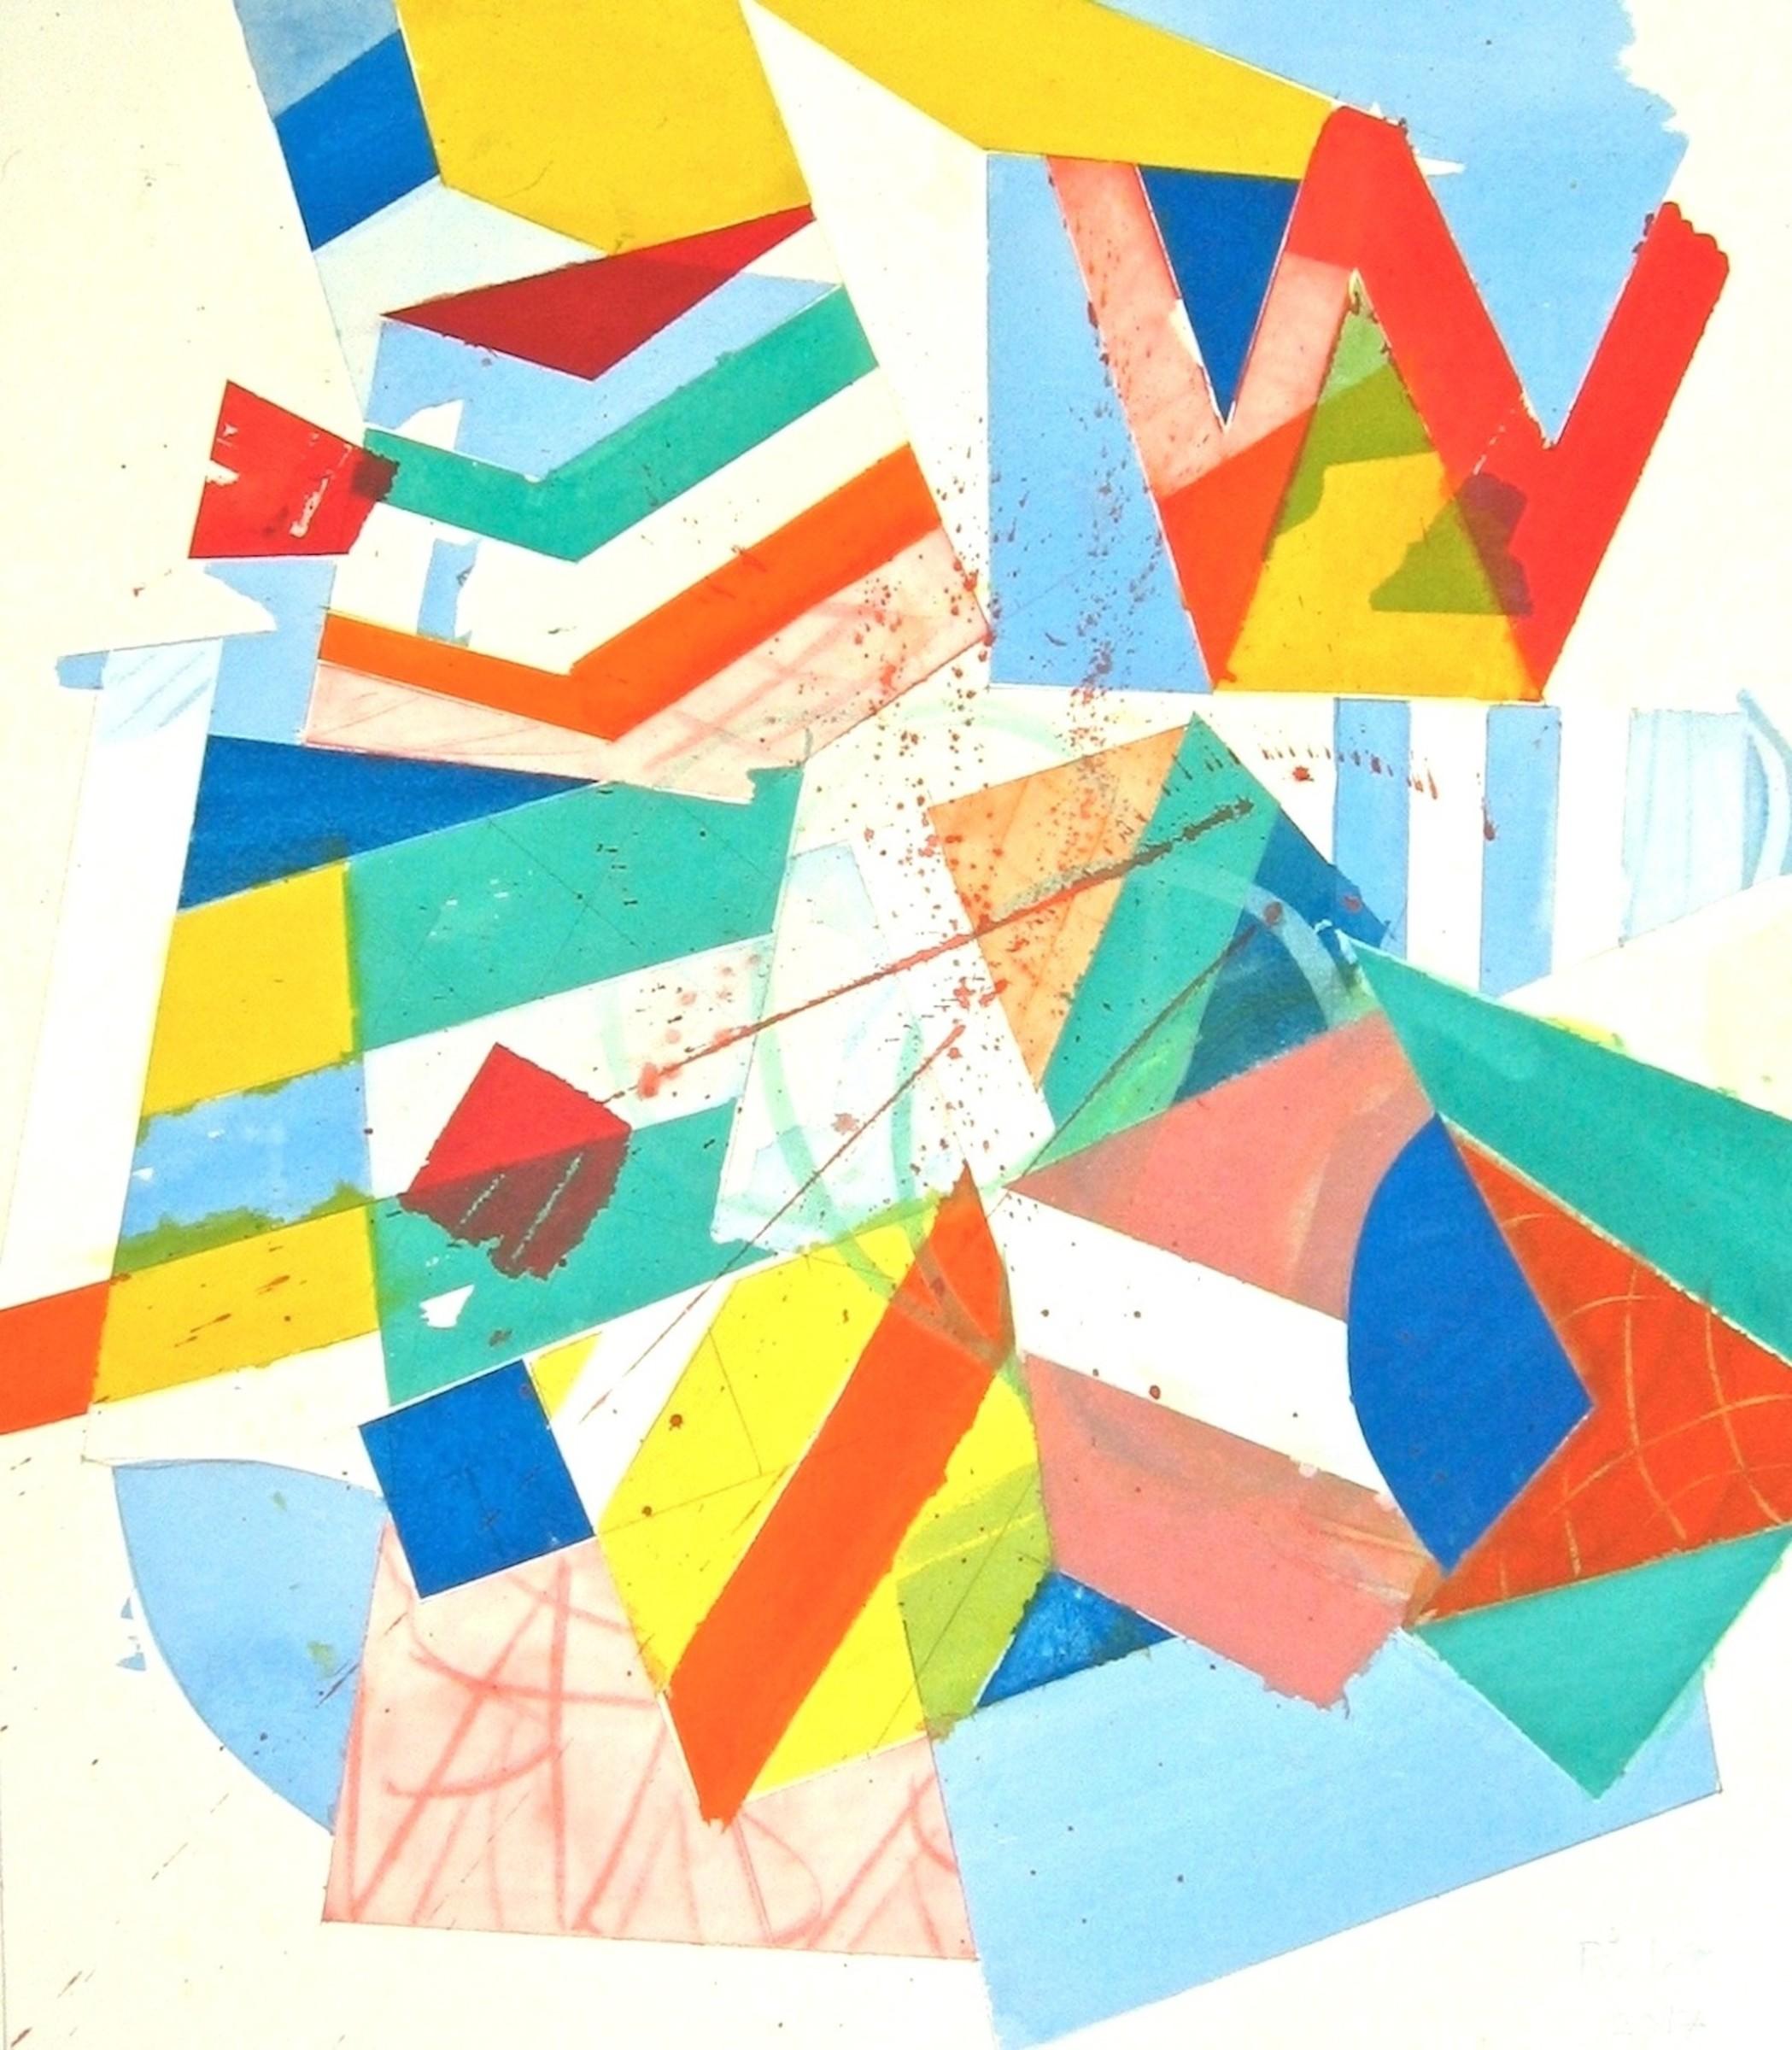 <span class=&#34;link fancybox-details-link&#34;><a href=&#34;/exhibitions/24/works/artworks_standalone10771/&#34;>View Detail Page</a></span><div class=&#34;artist&#34;><span class=&#34;artist&#34;><strong>Geoffrey Pimlott</strong></span></div><div class=&#34;title&#34;><em>Candy Colour Crush</em></div><div class=&#34;medium&#34;>watercolour, gouache & acrylic</div><div class=&#34;dimensions&#34;>66x66cm</div>